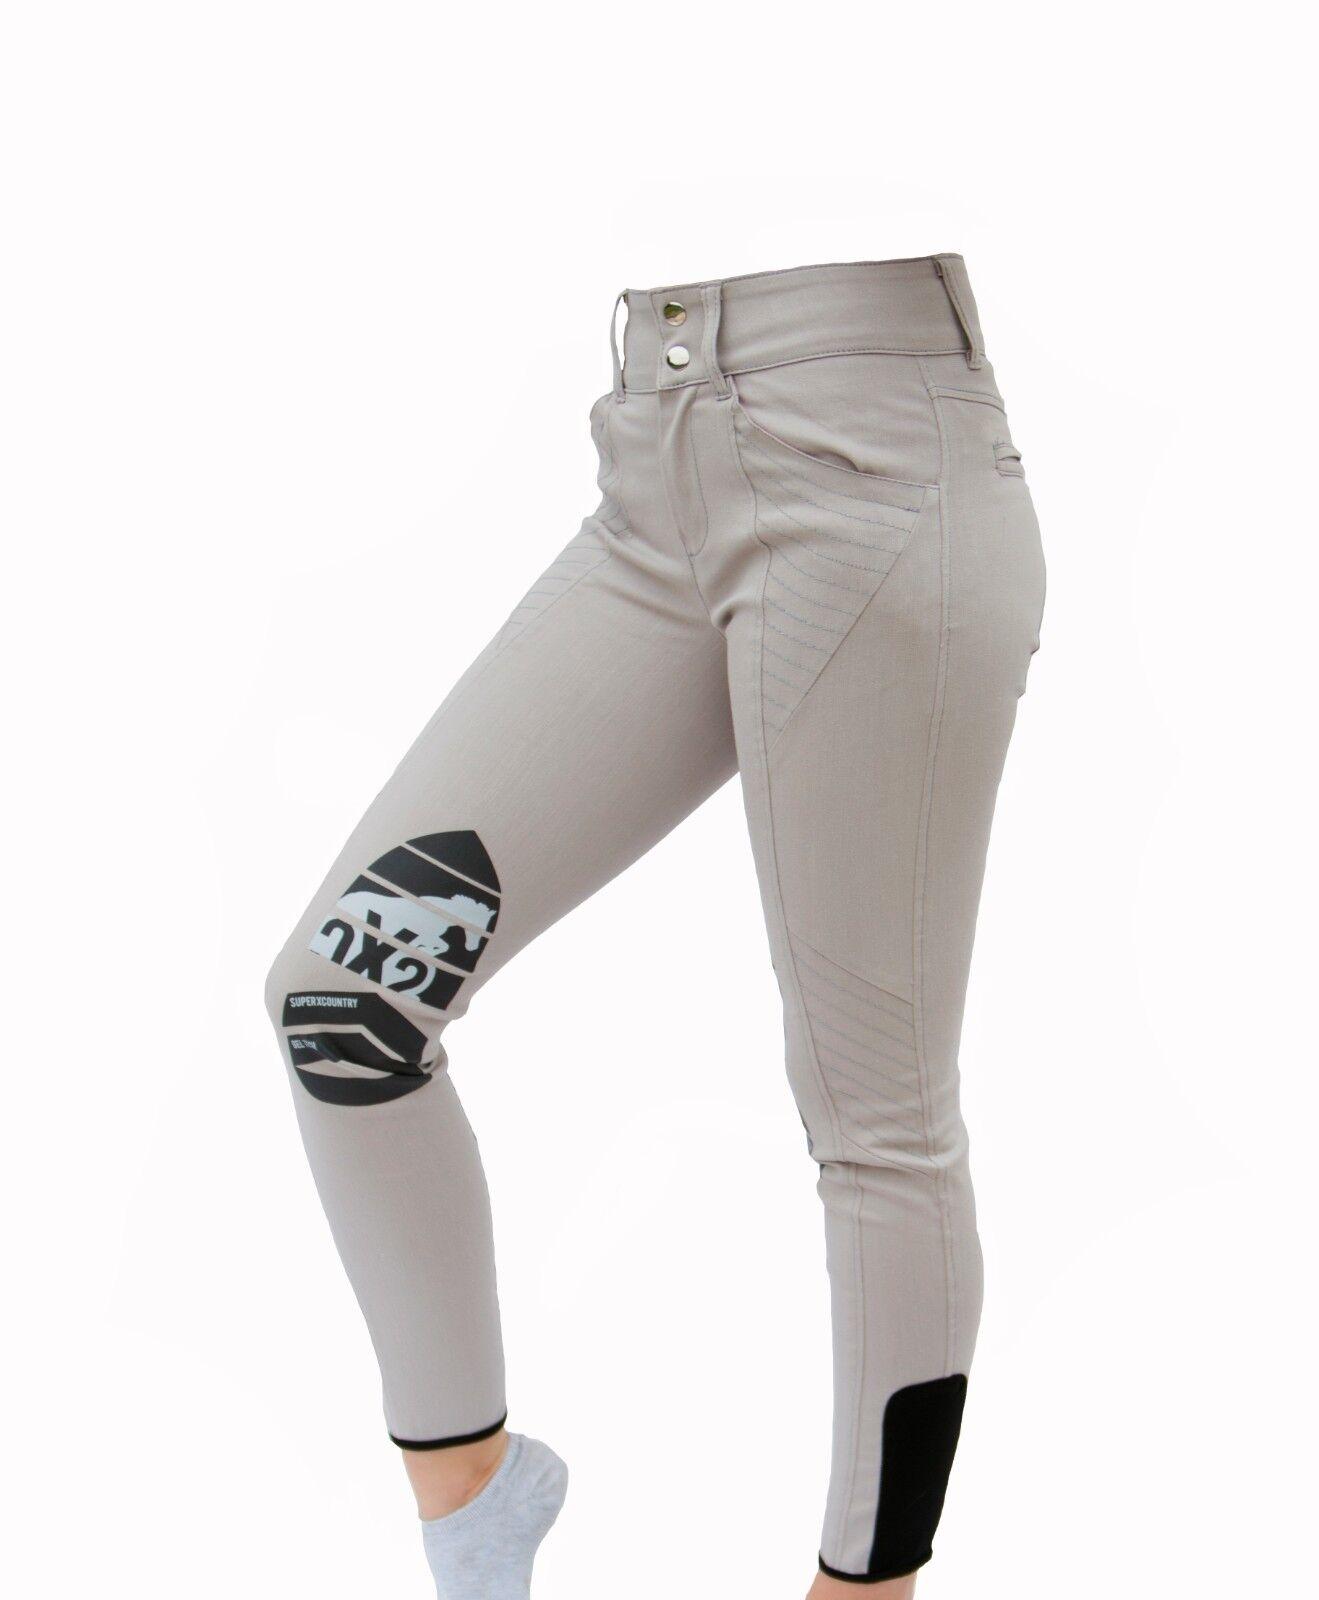 SXC ecuestre competencia Beis Equitación Pantalones  de Montar Rodilla Agarre De Gel De Silicona  ventas directas de fábrica